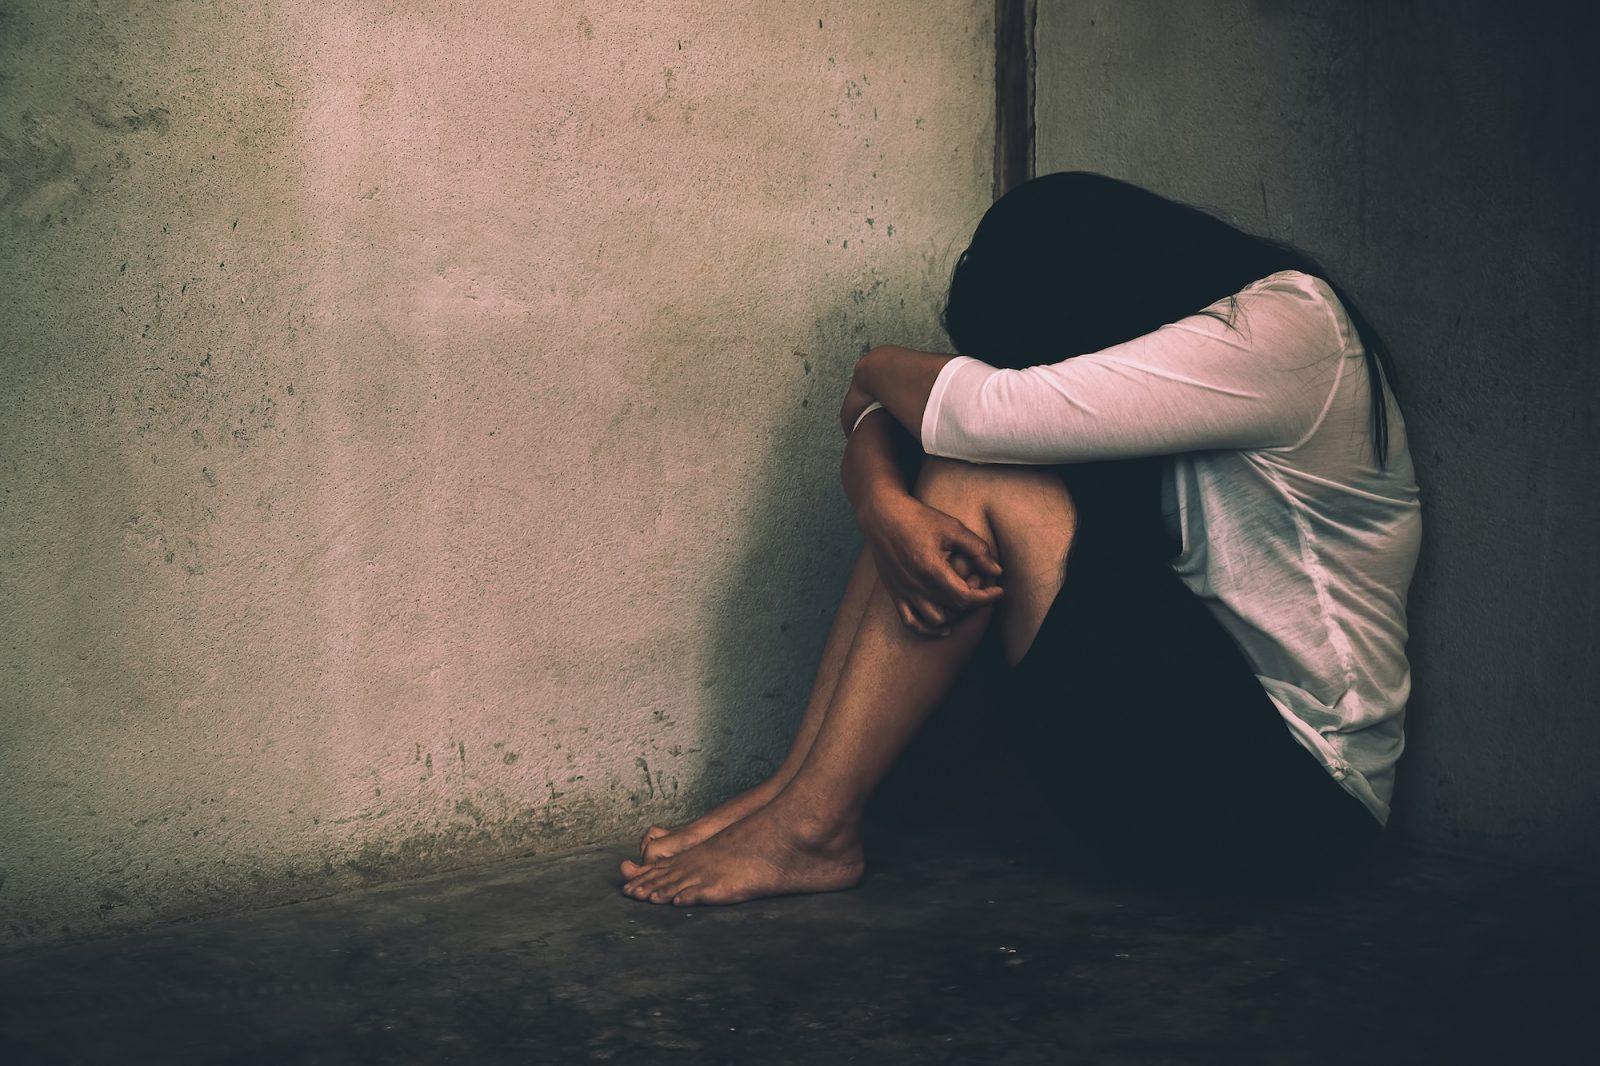 las cinco heridas emocionales